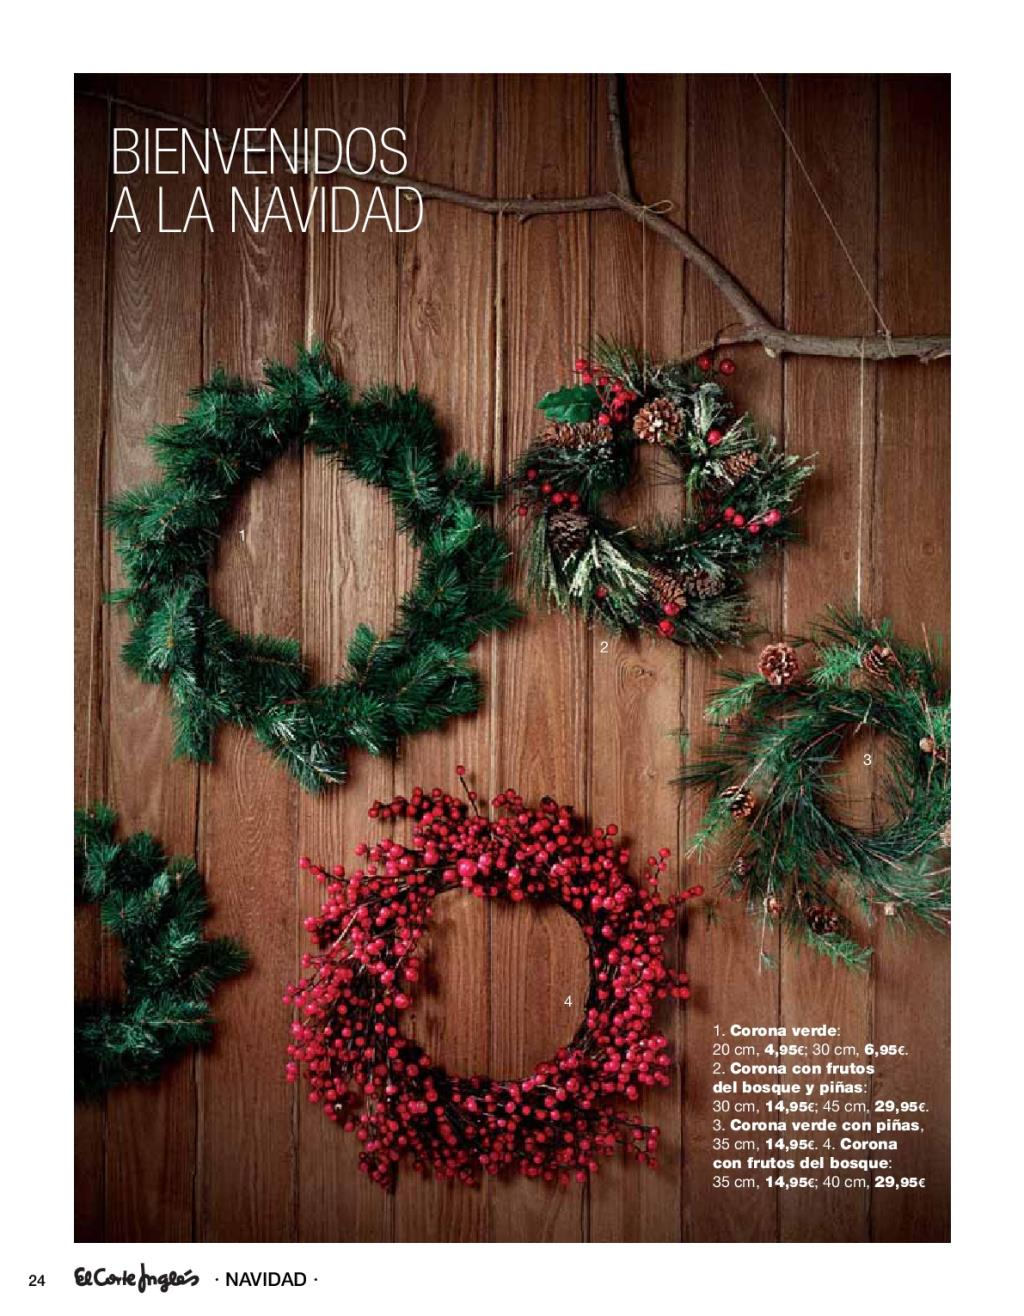 Navidad el corte ingles24 for Adornos de navidad el corte ingles